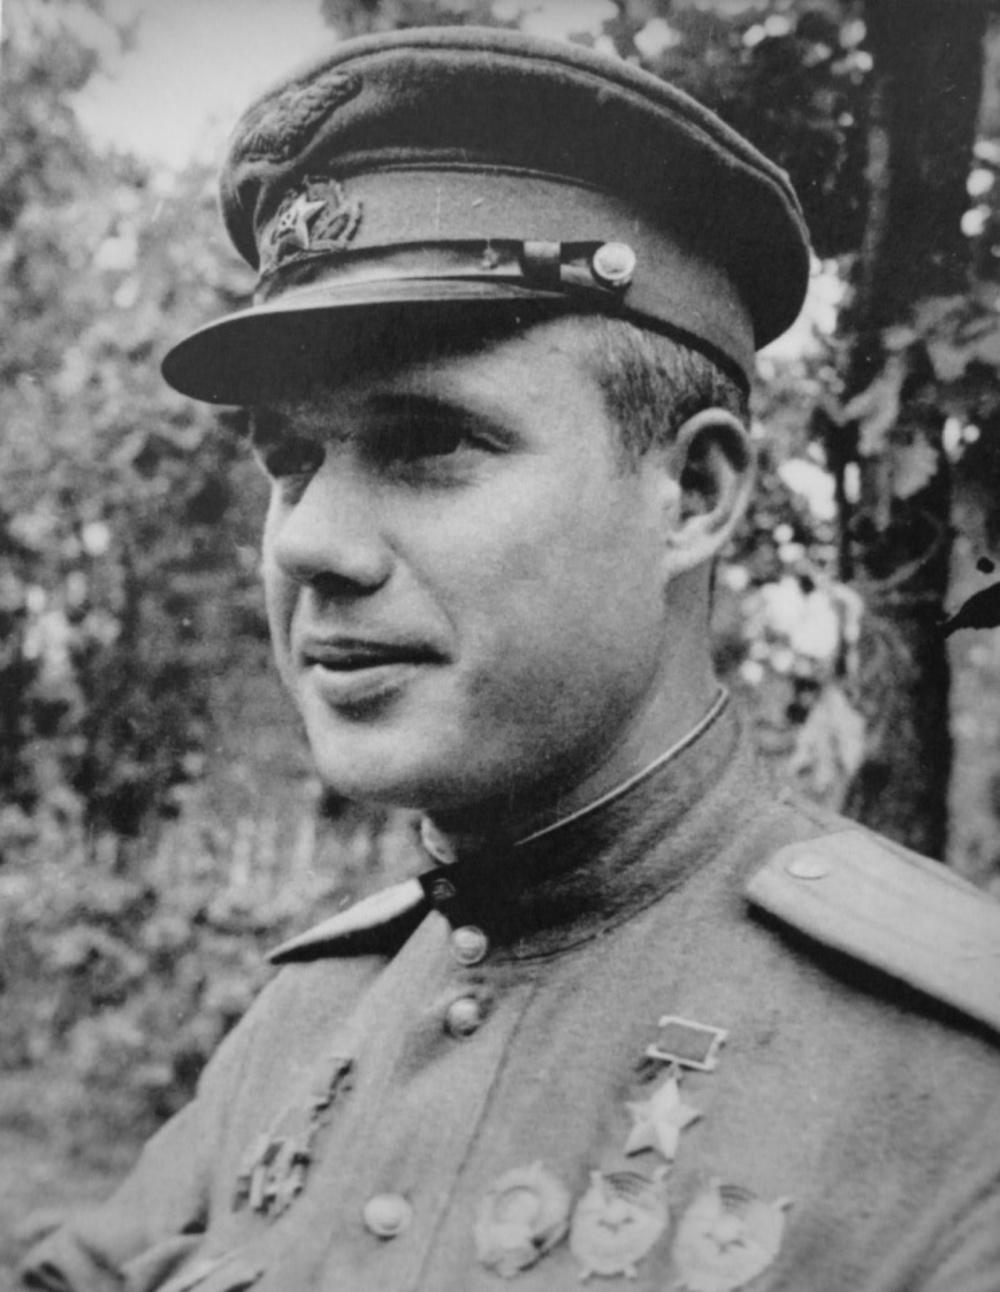 Ас штурмовой авиации, дважды Герой Советского Союза Виктор Максимович Голубев